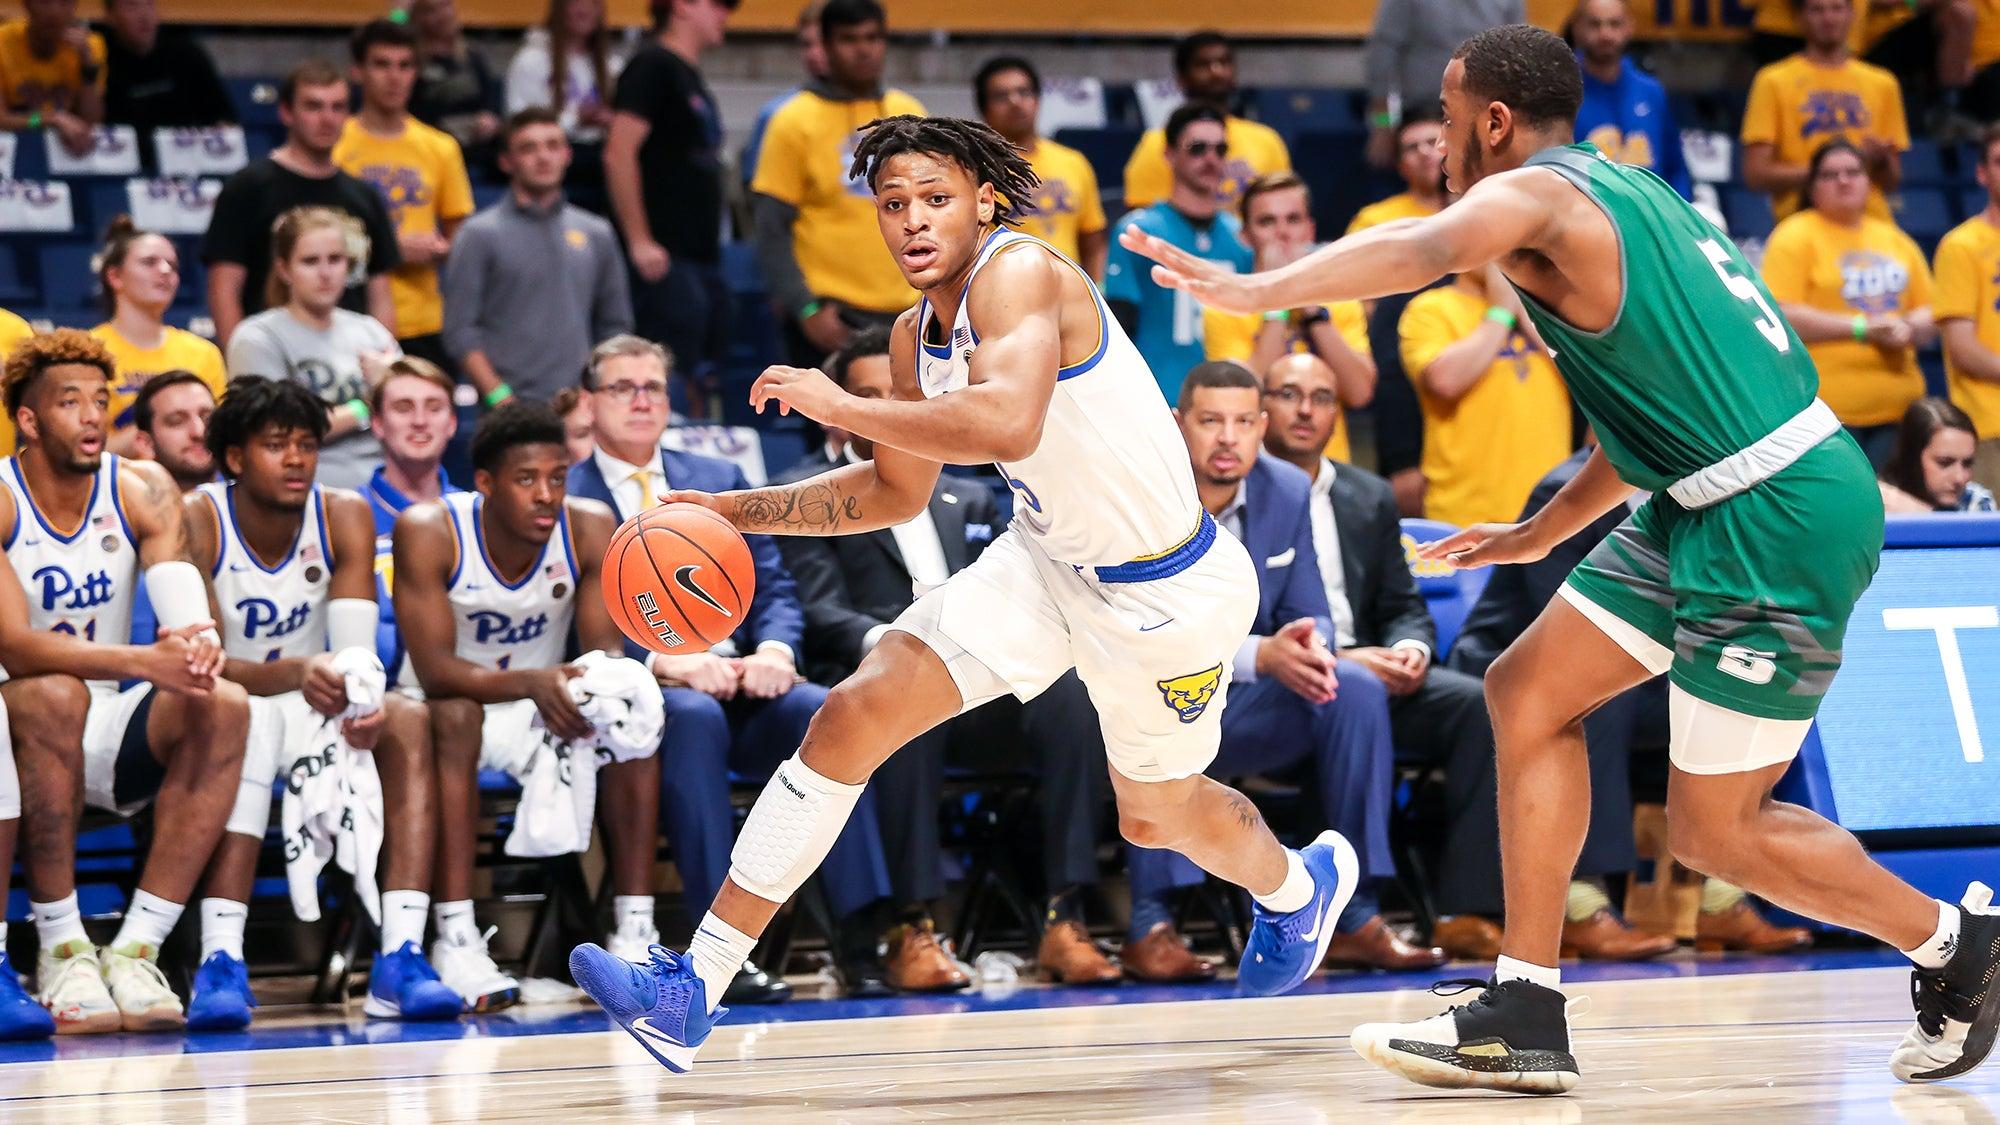 Pitt Men's Basketball vs Drexel